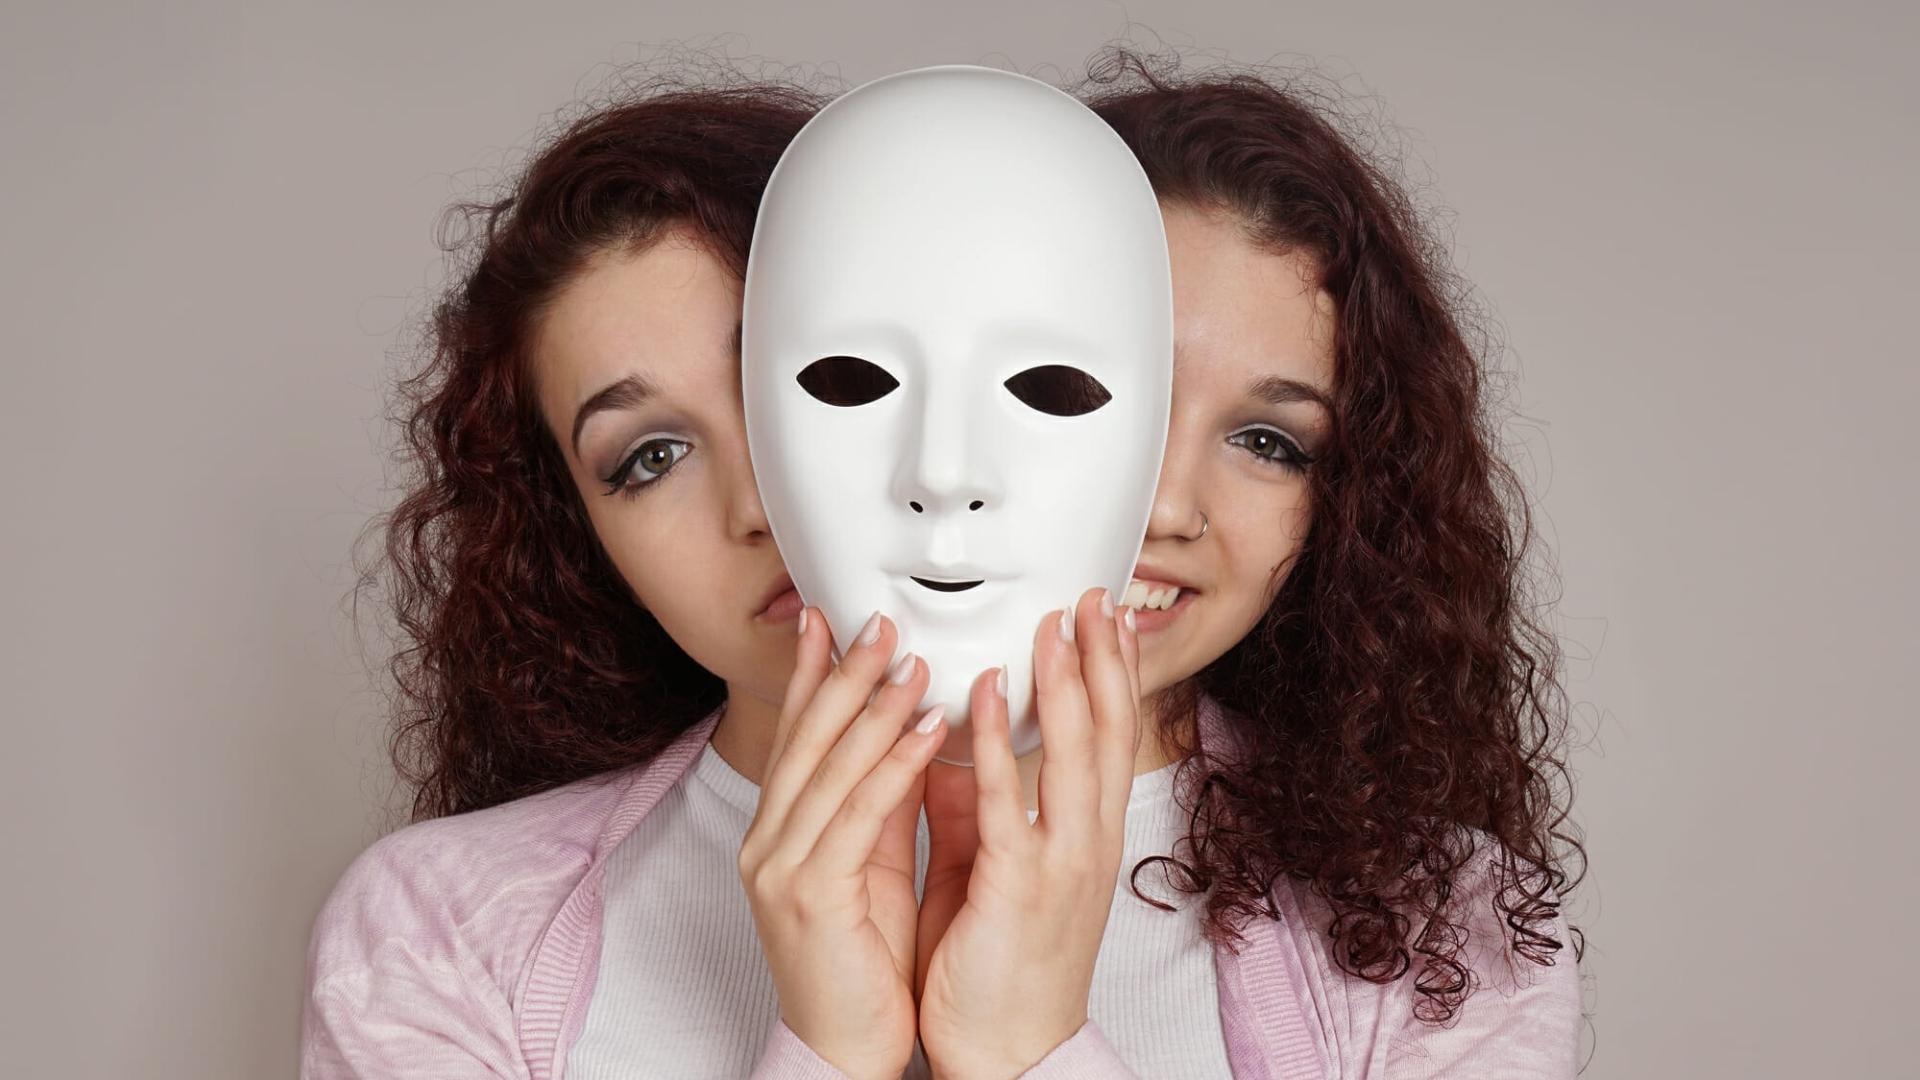 Биполярное расстройство можно увидеть на клеточном уровне